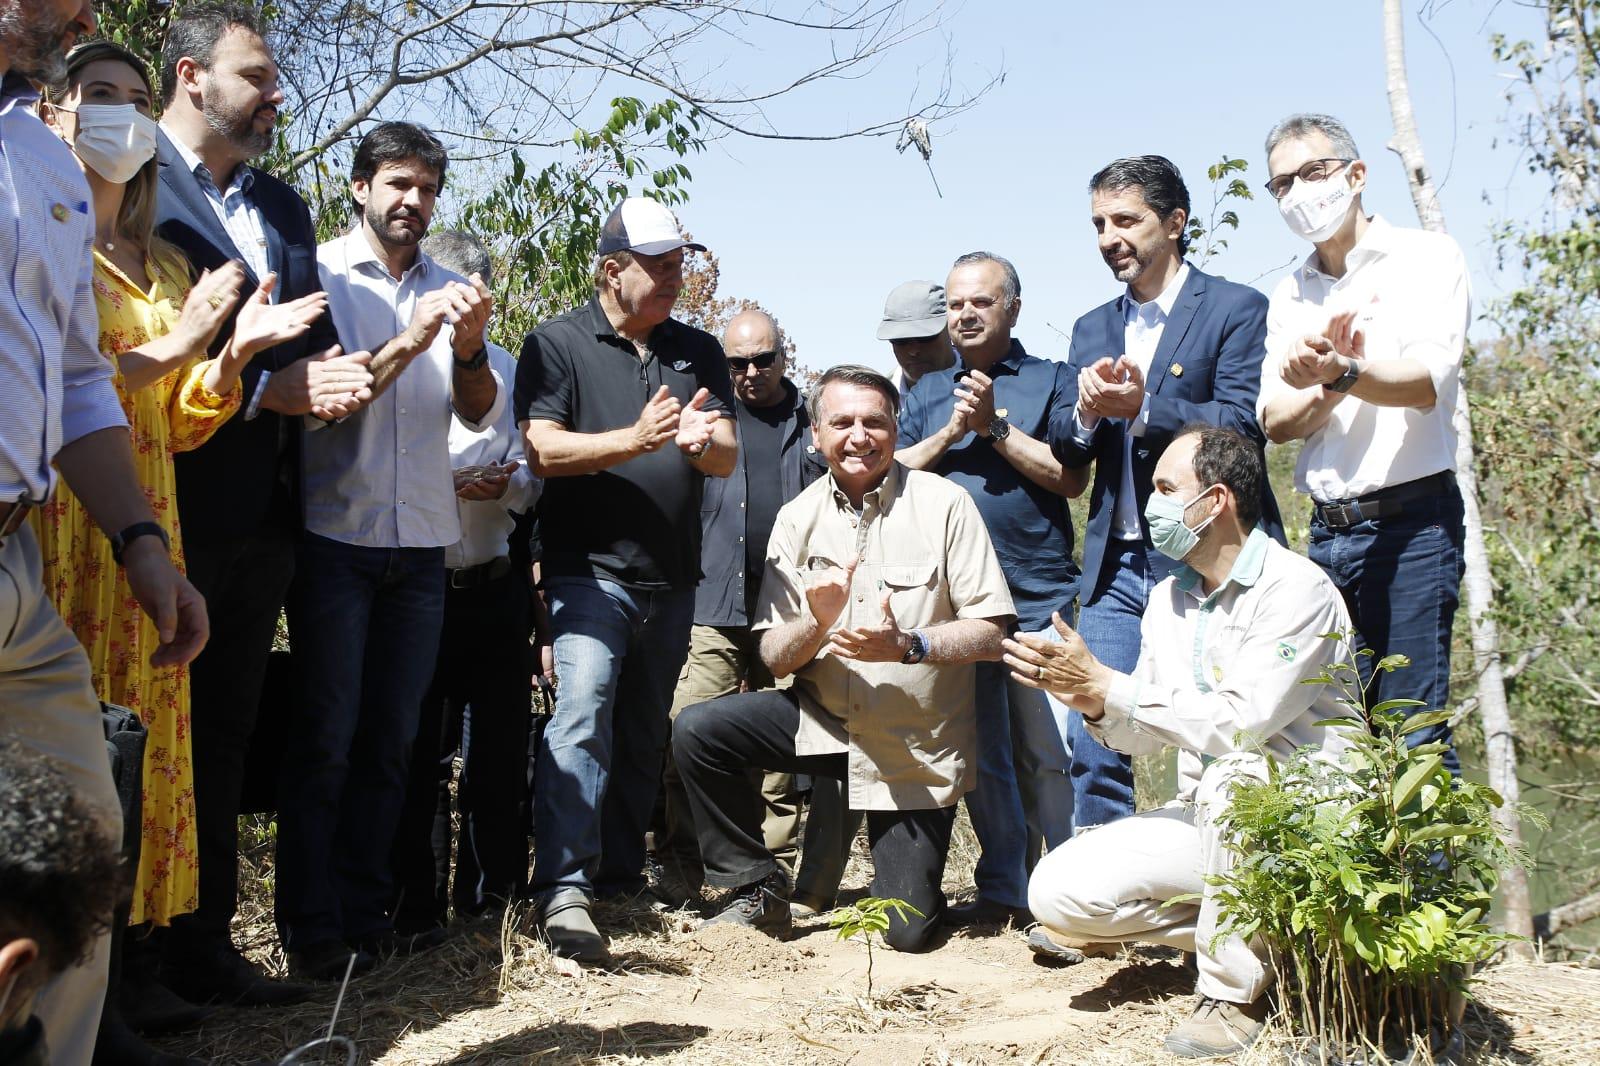 Projeto Pró-Águas Urucuia vai beneficiar 14 municípios de Minas Gerais e Goiás. MDR também entregou nesta sexta-feira (17) maquinários no valor de R$ 17,7 milhões a 24 municípios